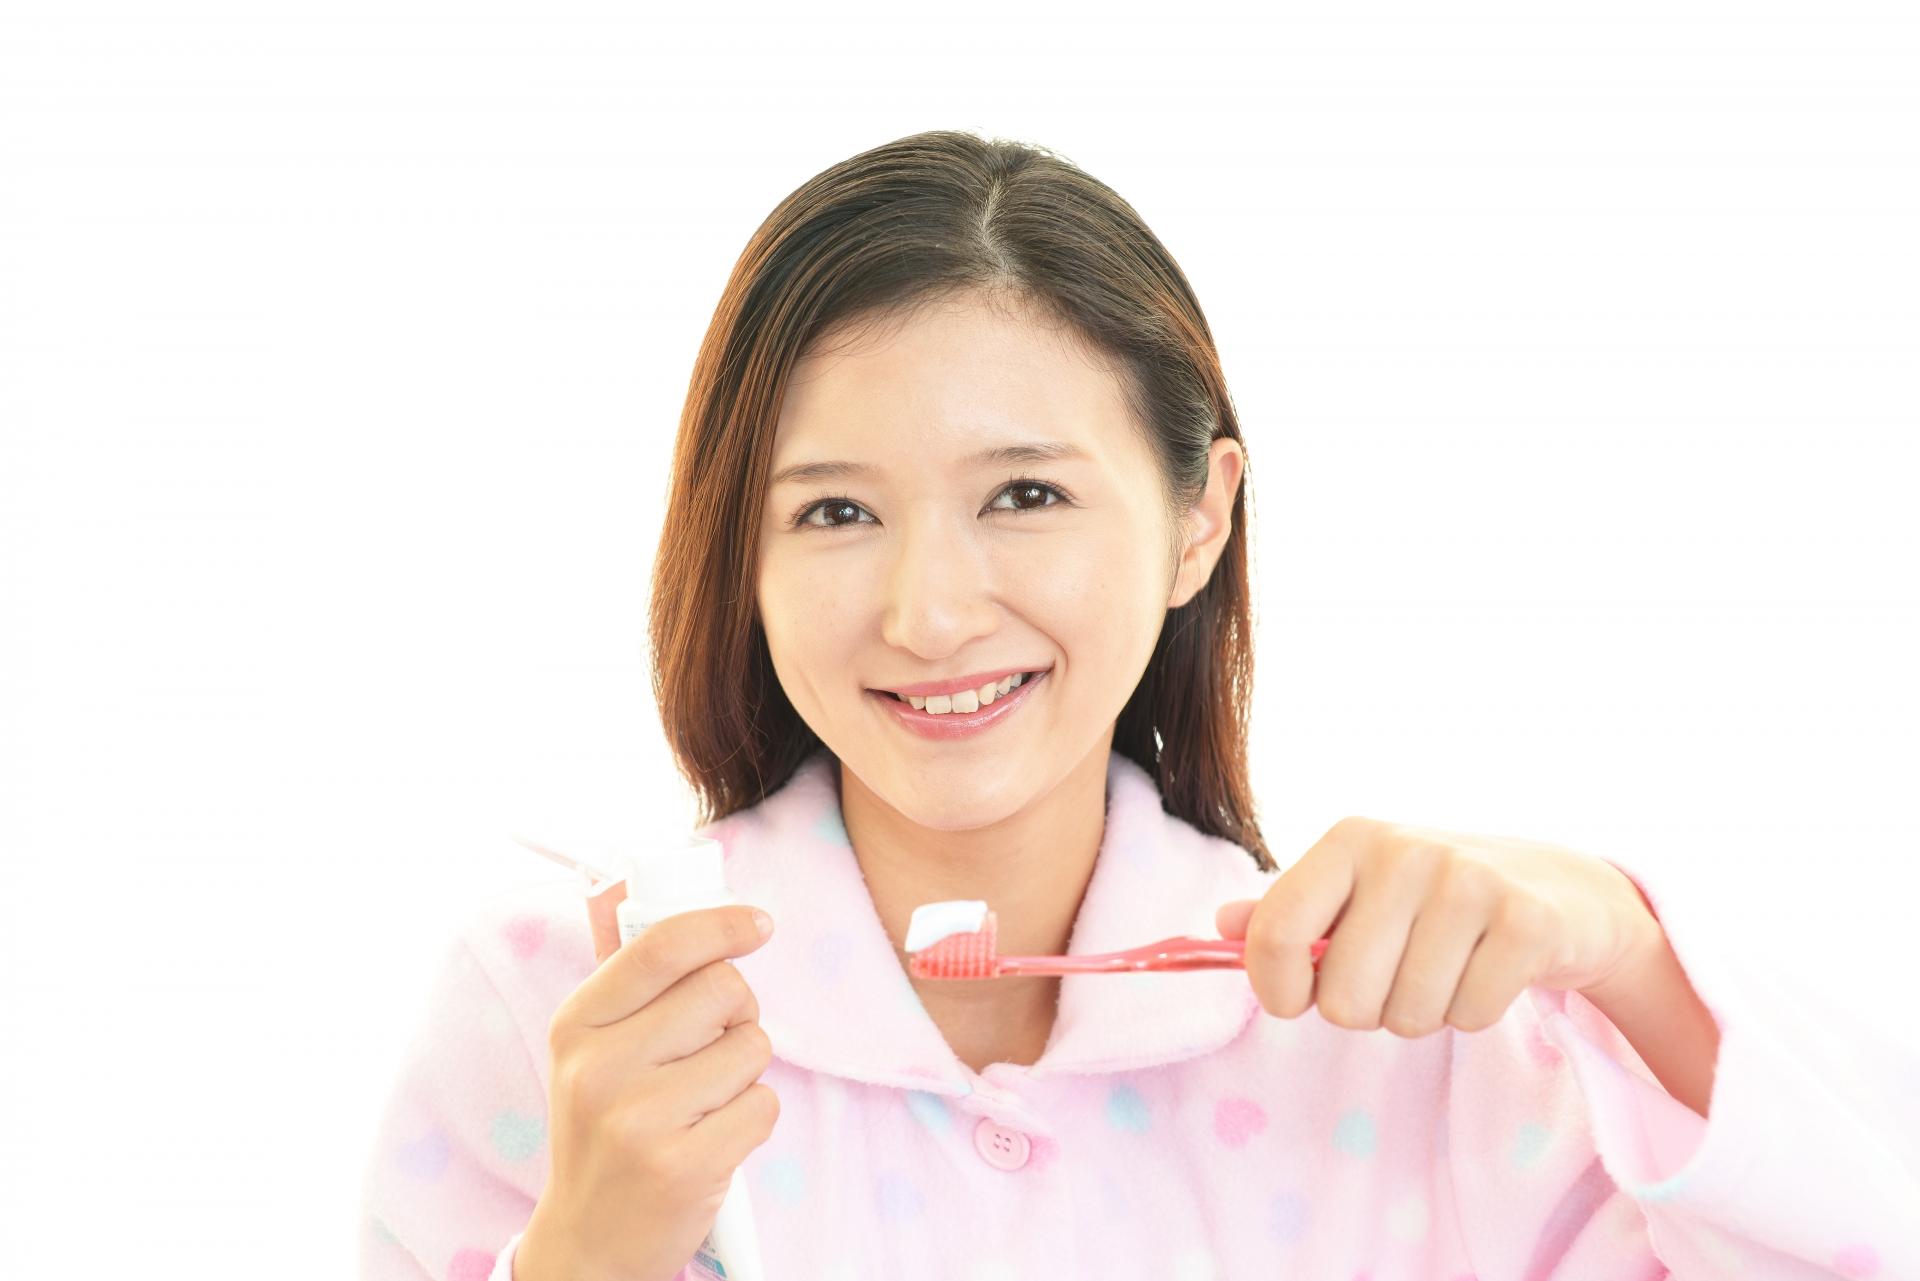 寝る前に歯磨きをするパジャマ姿の女性